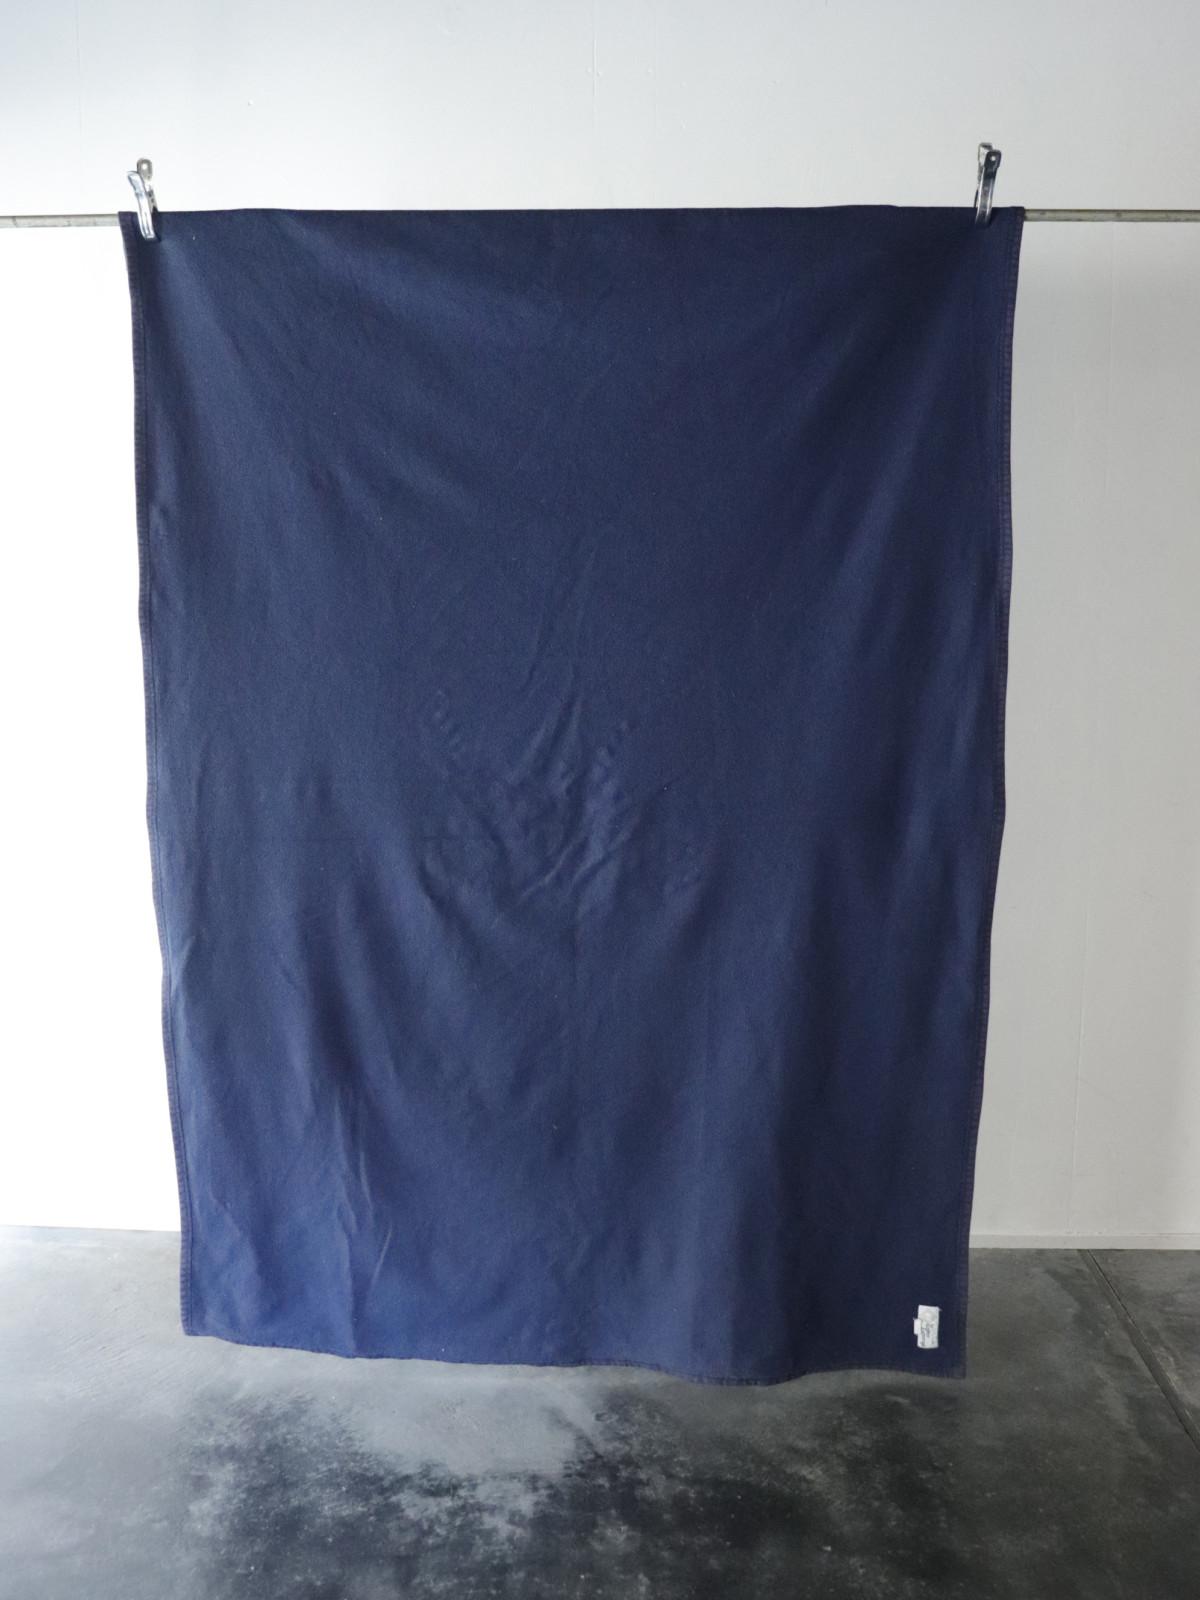 Boudoin collage,cotton blanket,USA